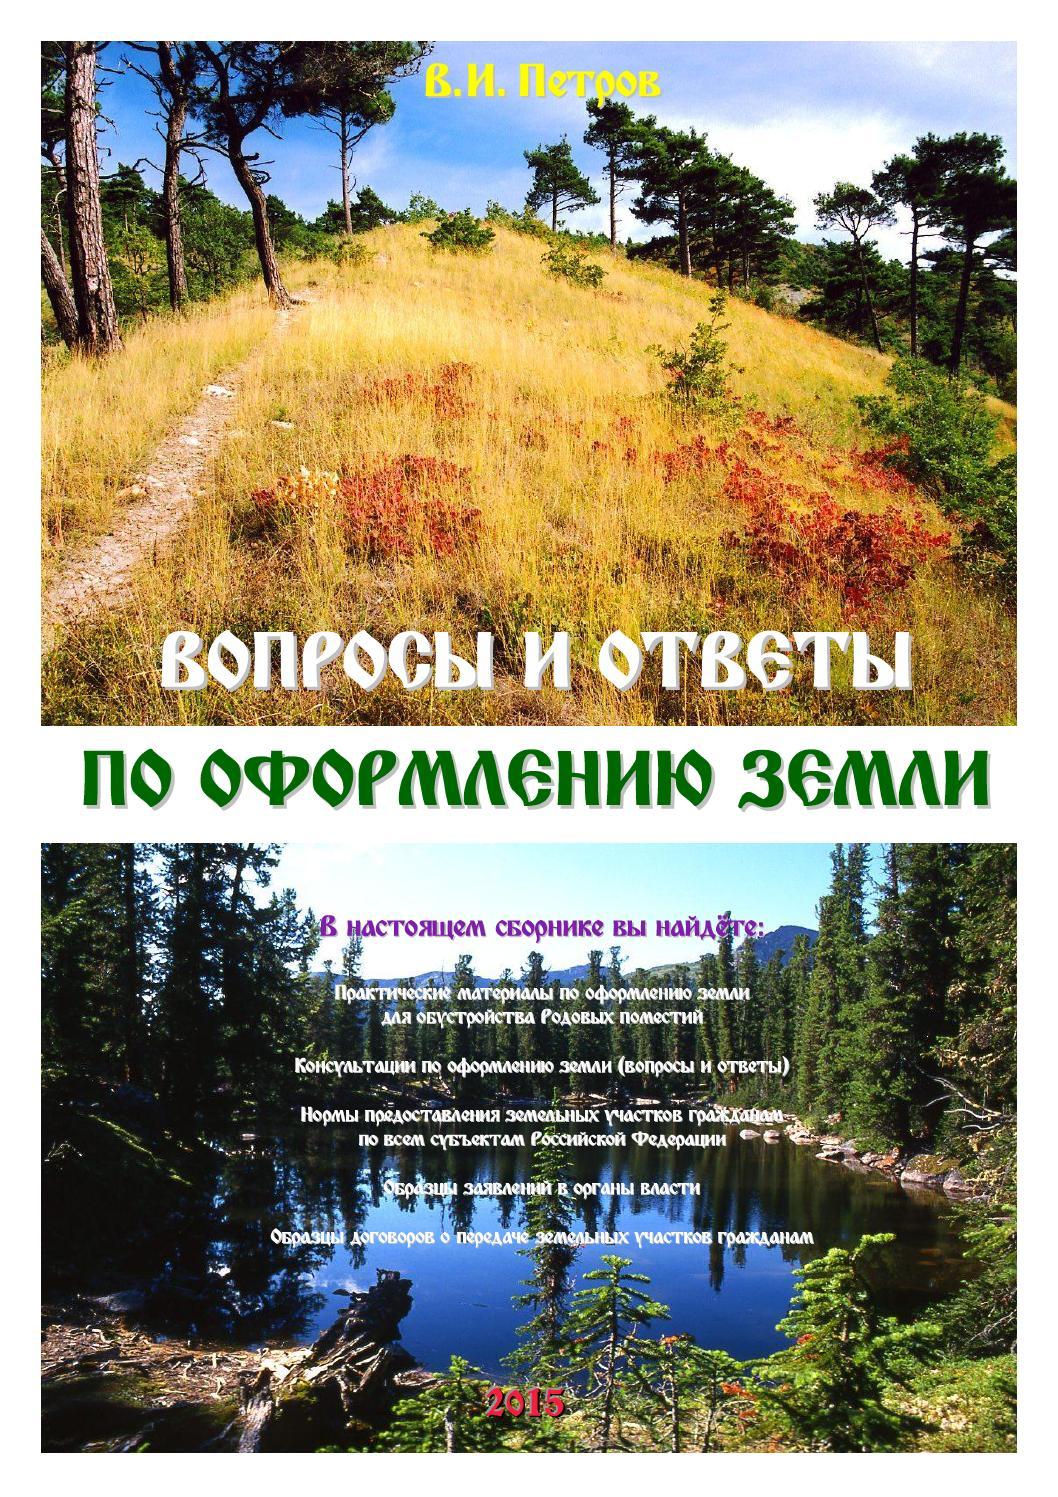 Белгород как узаконить самозахват земли перед домом